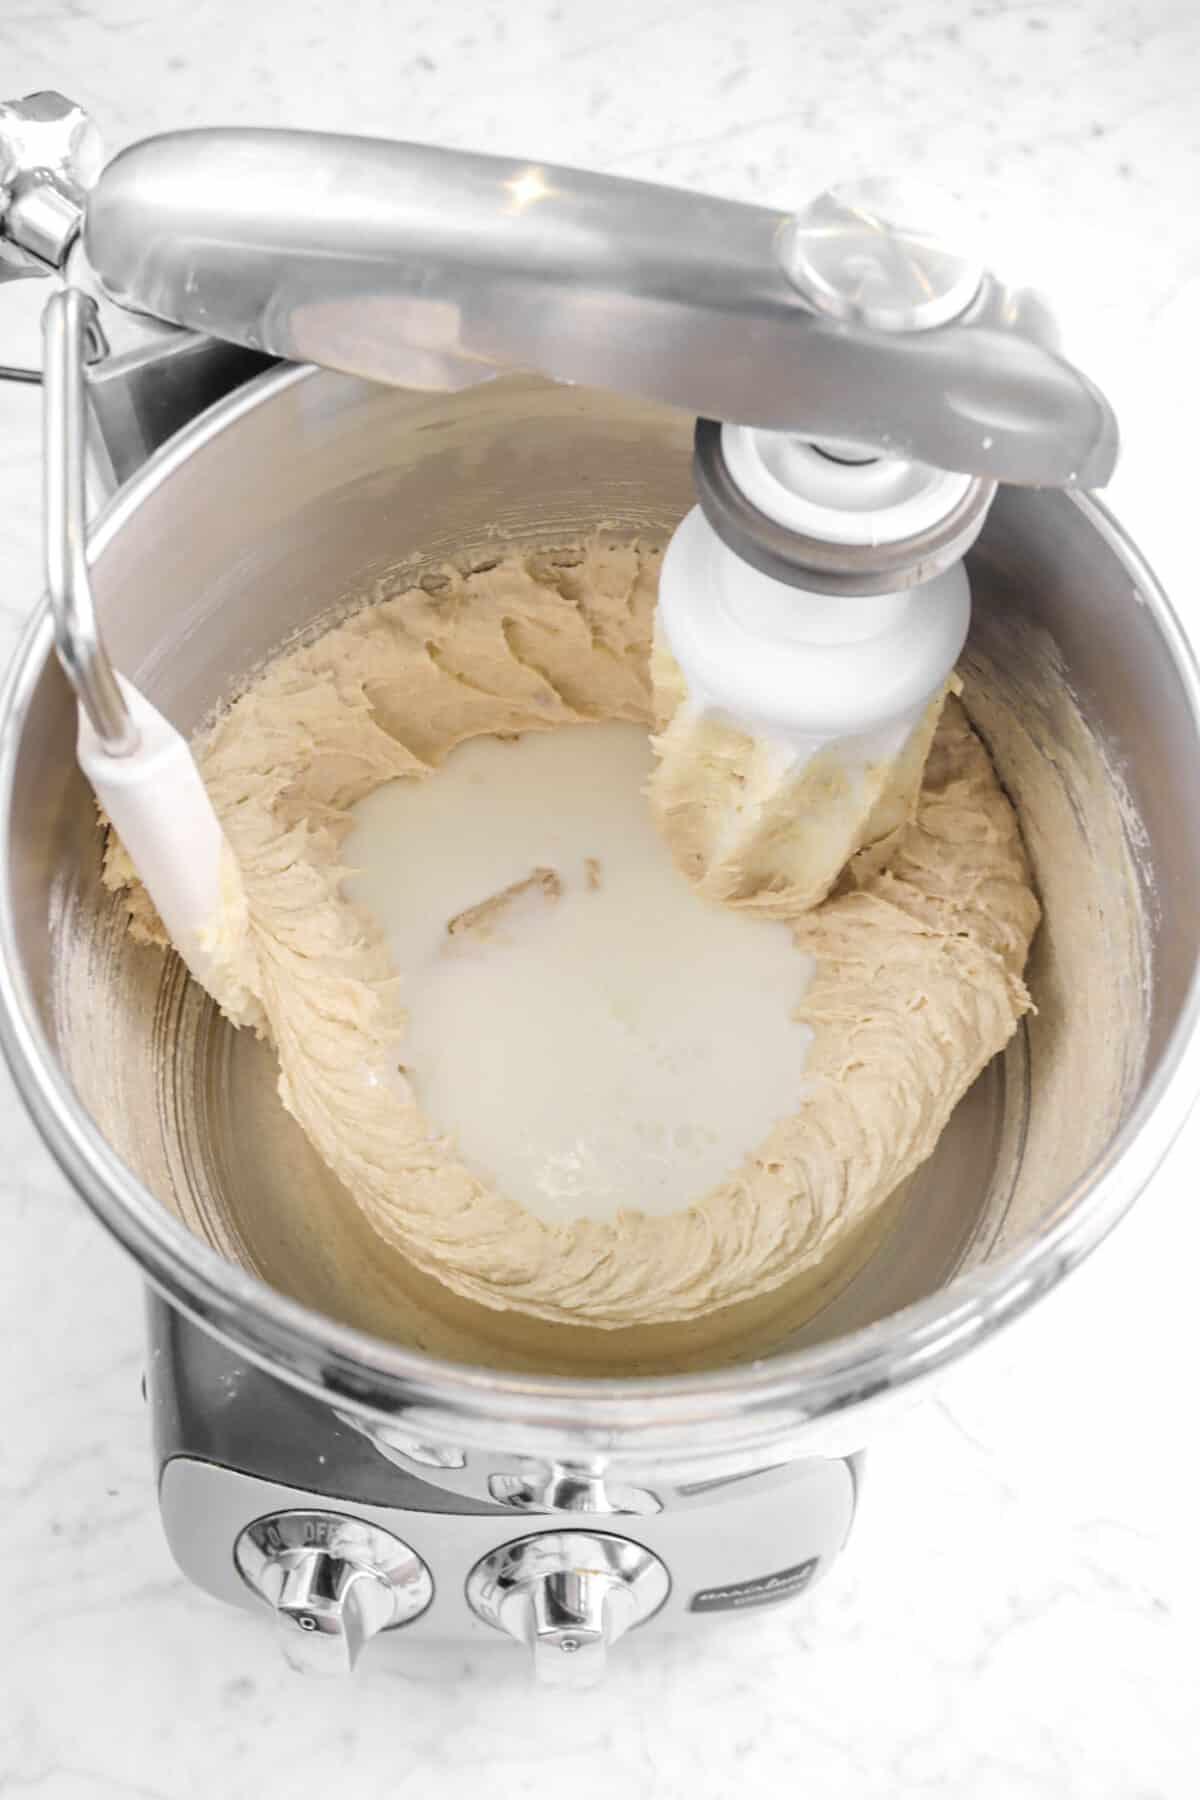 buttermilk added butter mixture